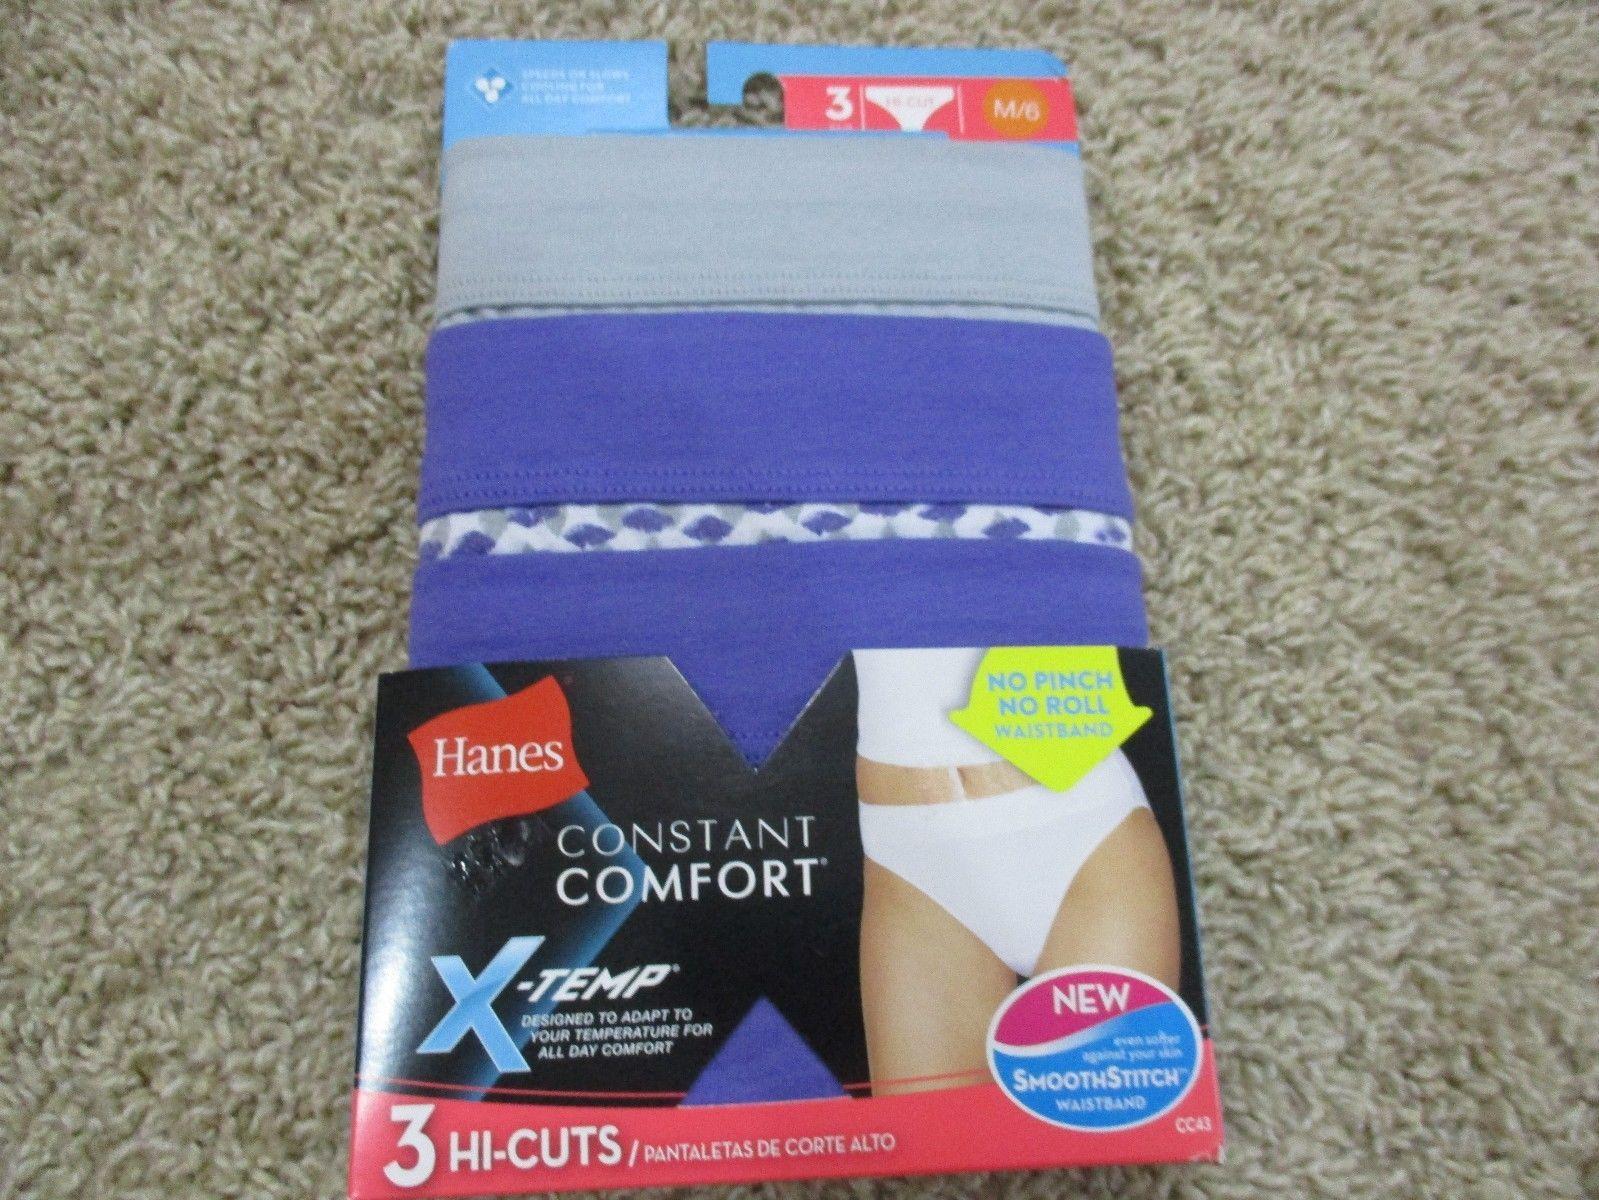 504281034e68 BNIP Hanes X-temp 3pk Hi Cut panties, women, and 50 similar items. S l1600